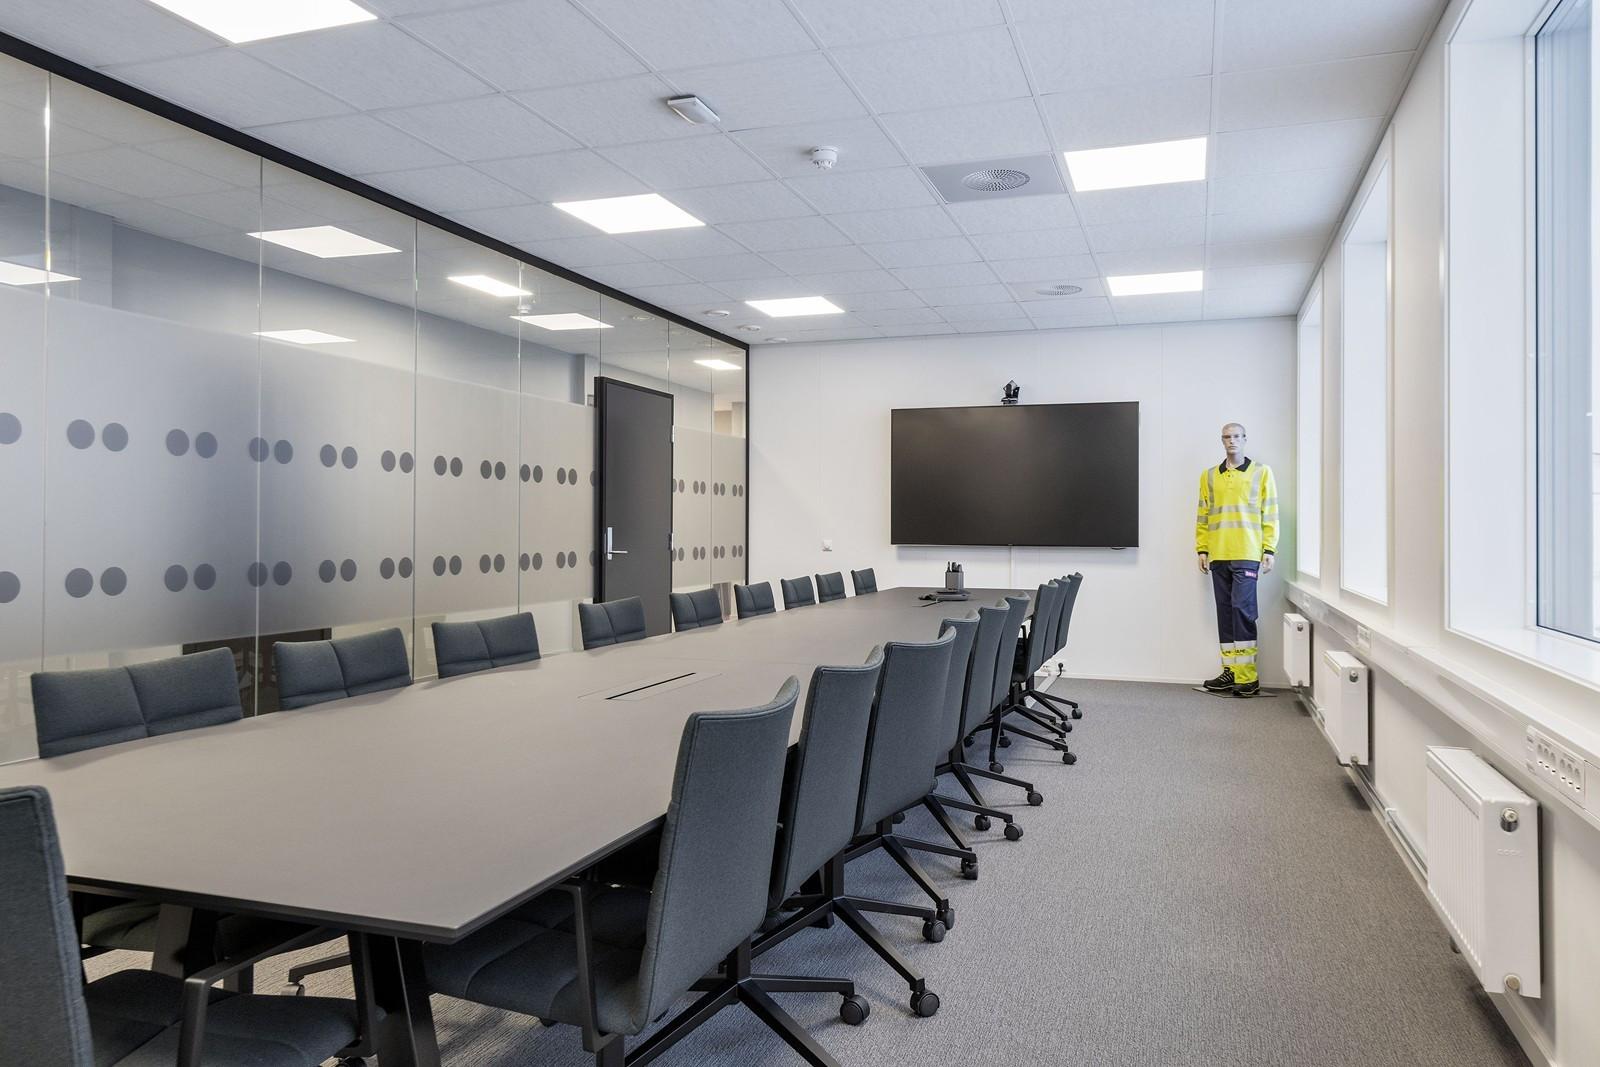 Ledig kontor 3. etasje - stort møterom